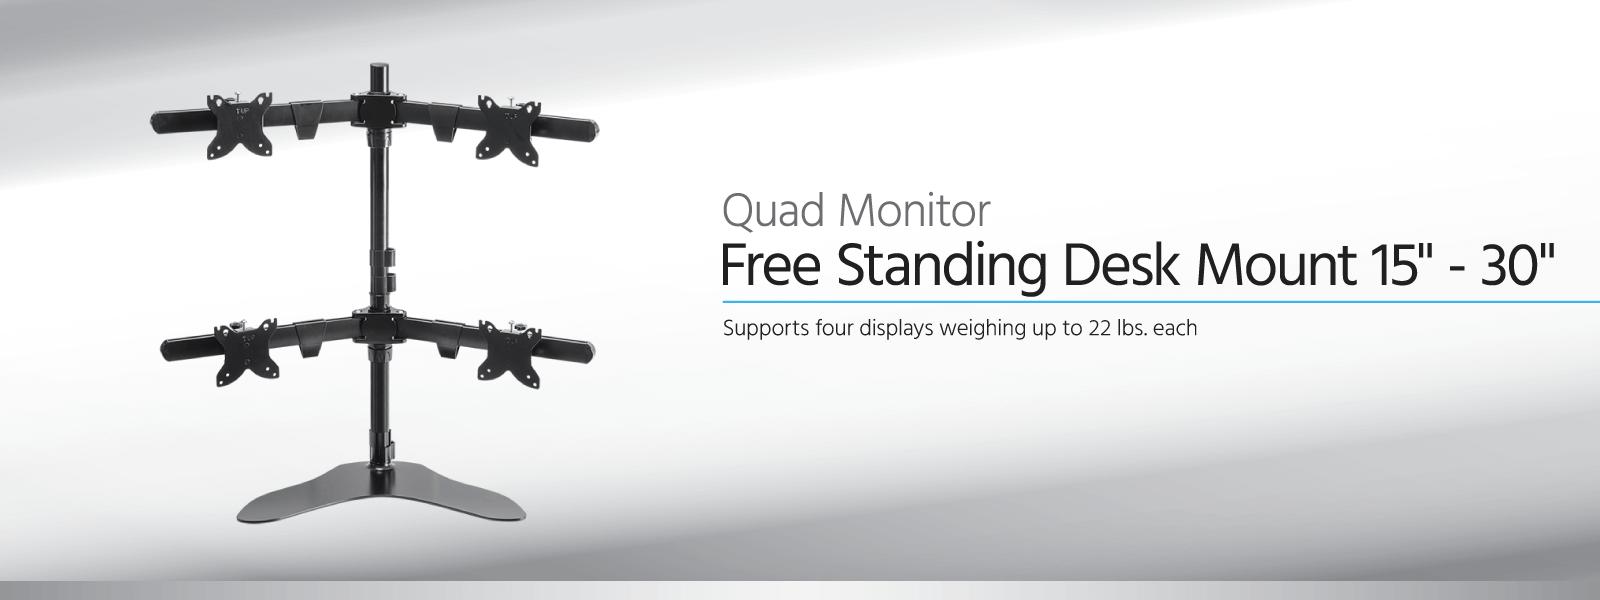 Freistehende Tischhalterung für vier Monitore